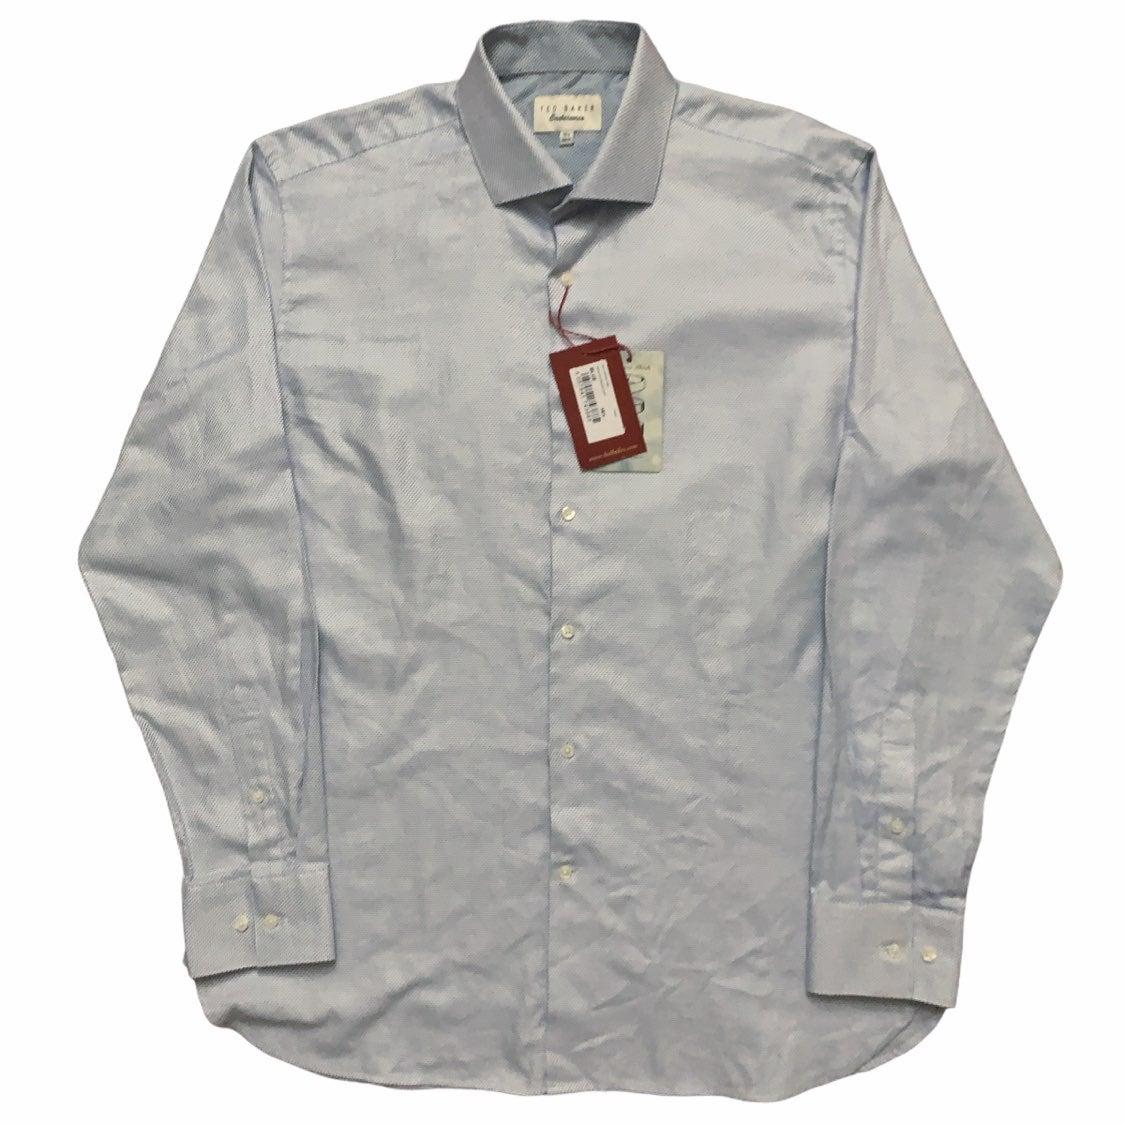 Ted Baker Dress Shirt Blue 16.5-34/35